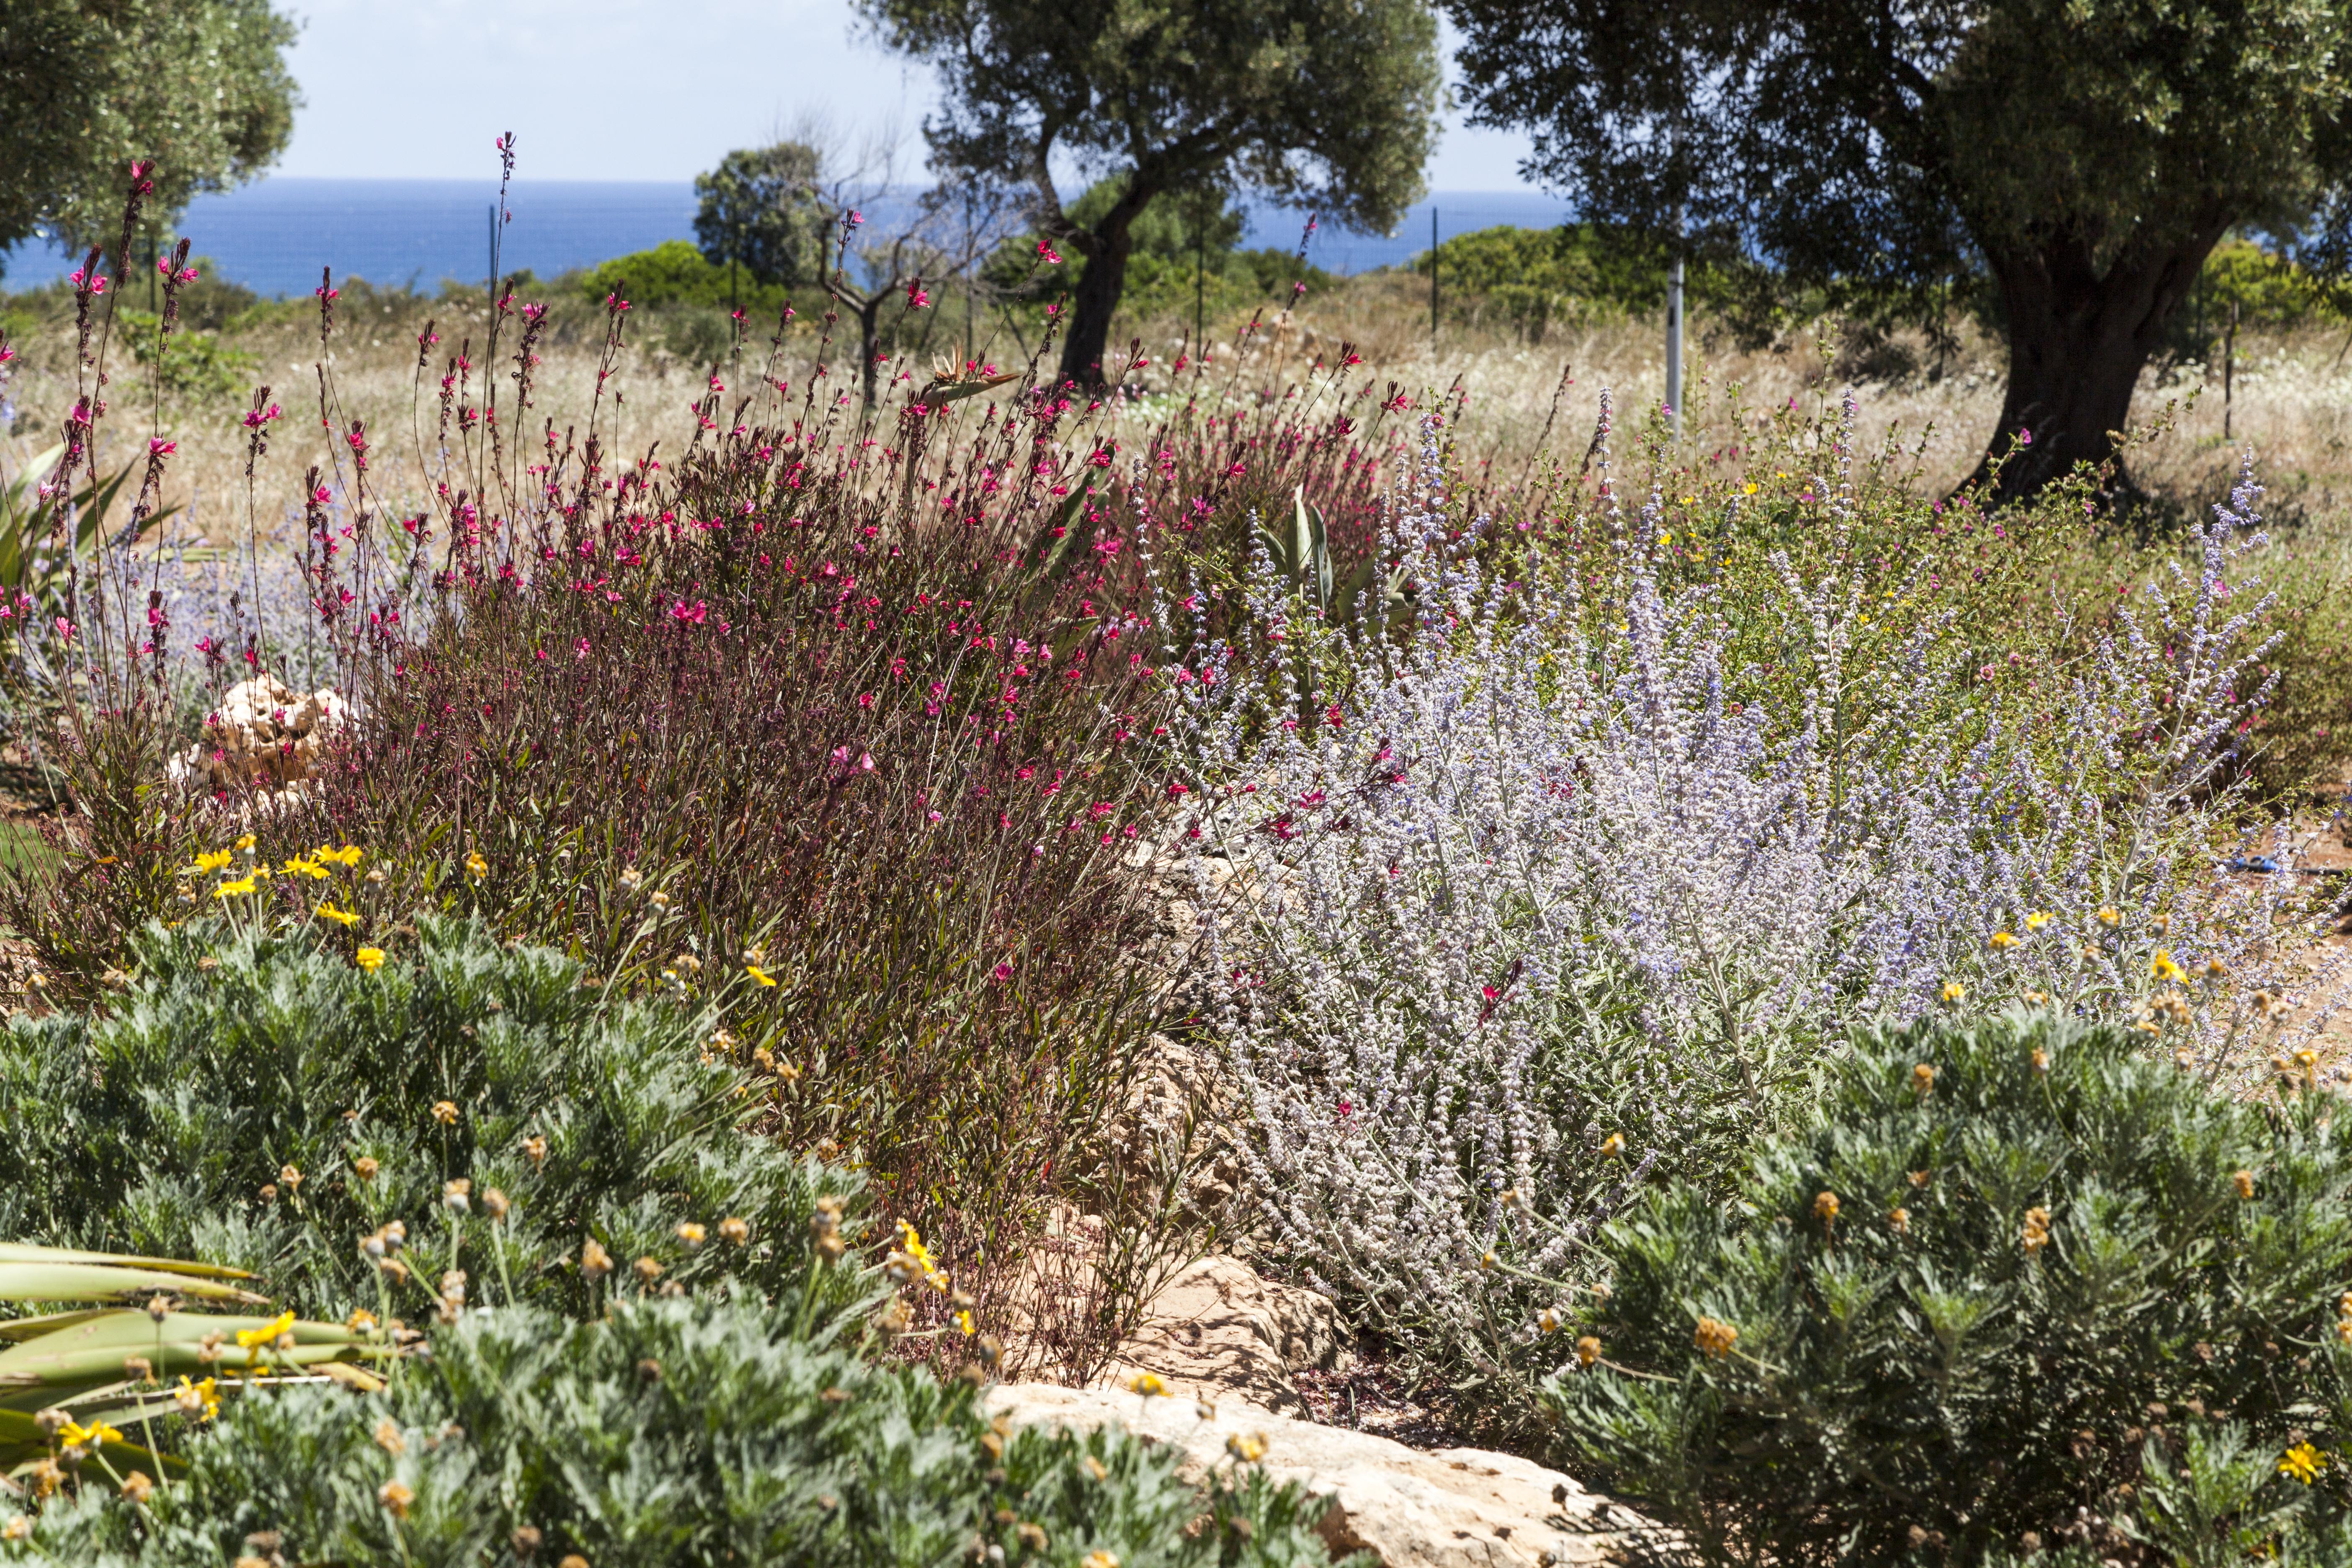 Il giardino mediterraneo al tempo della Xylella